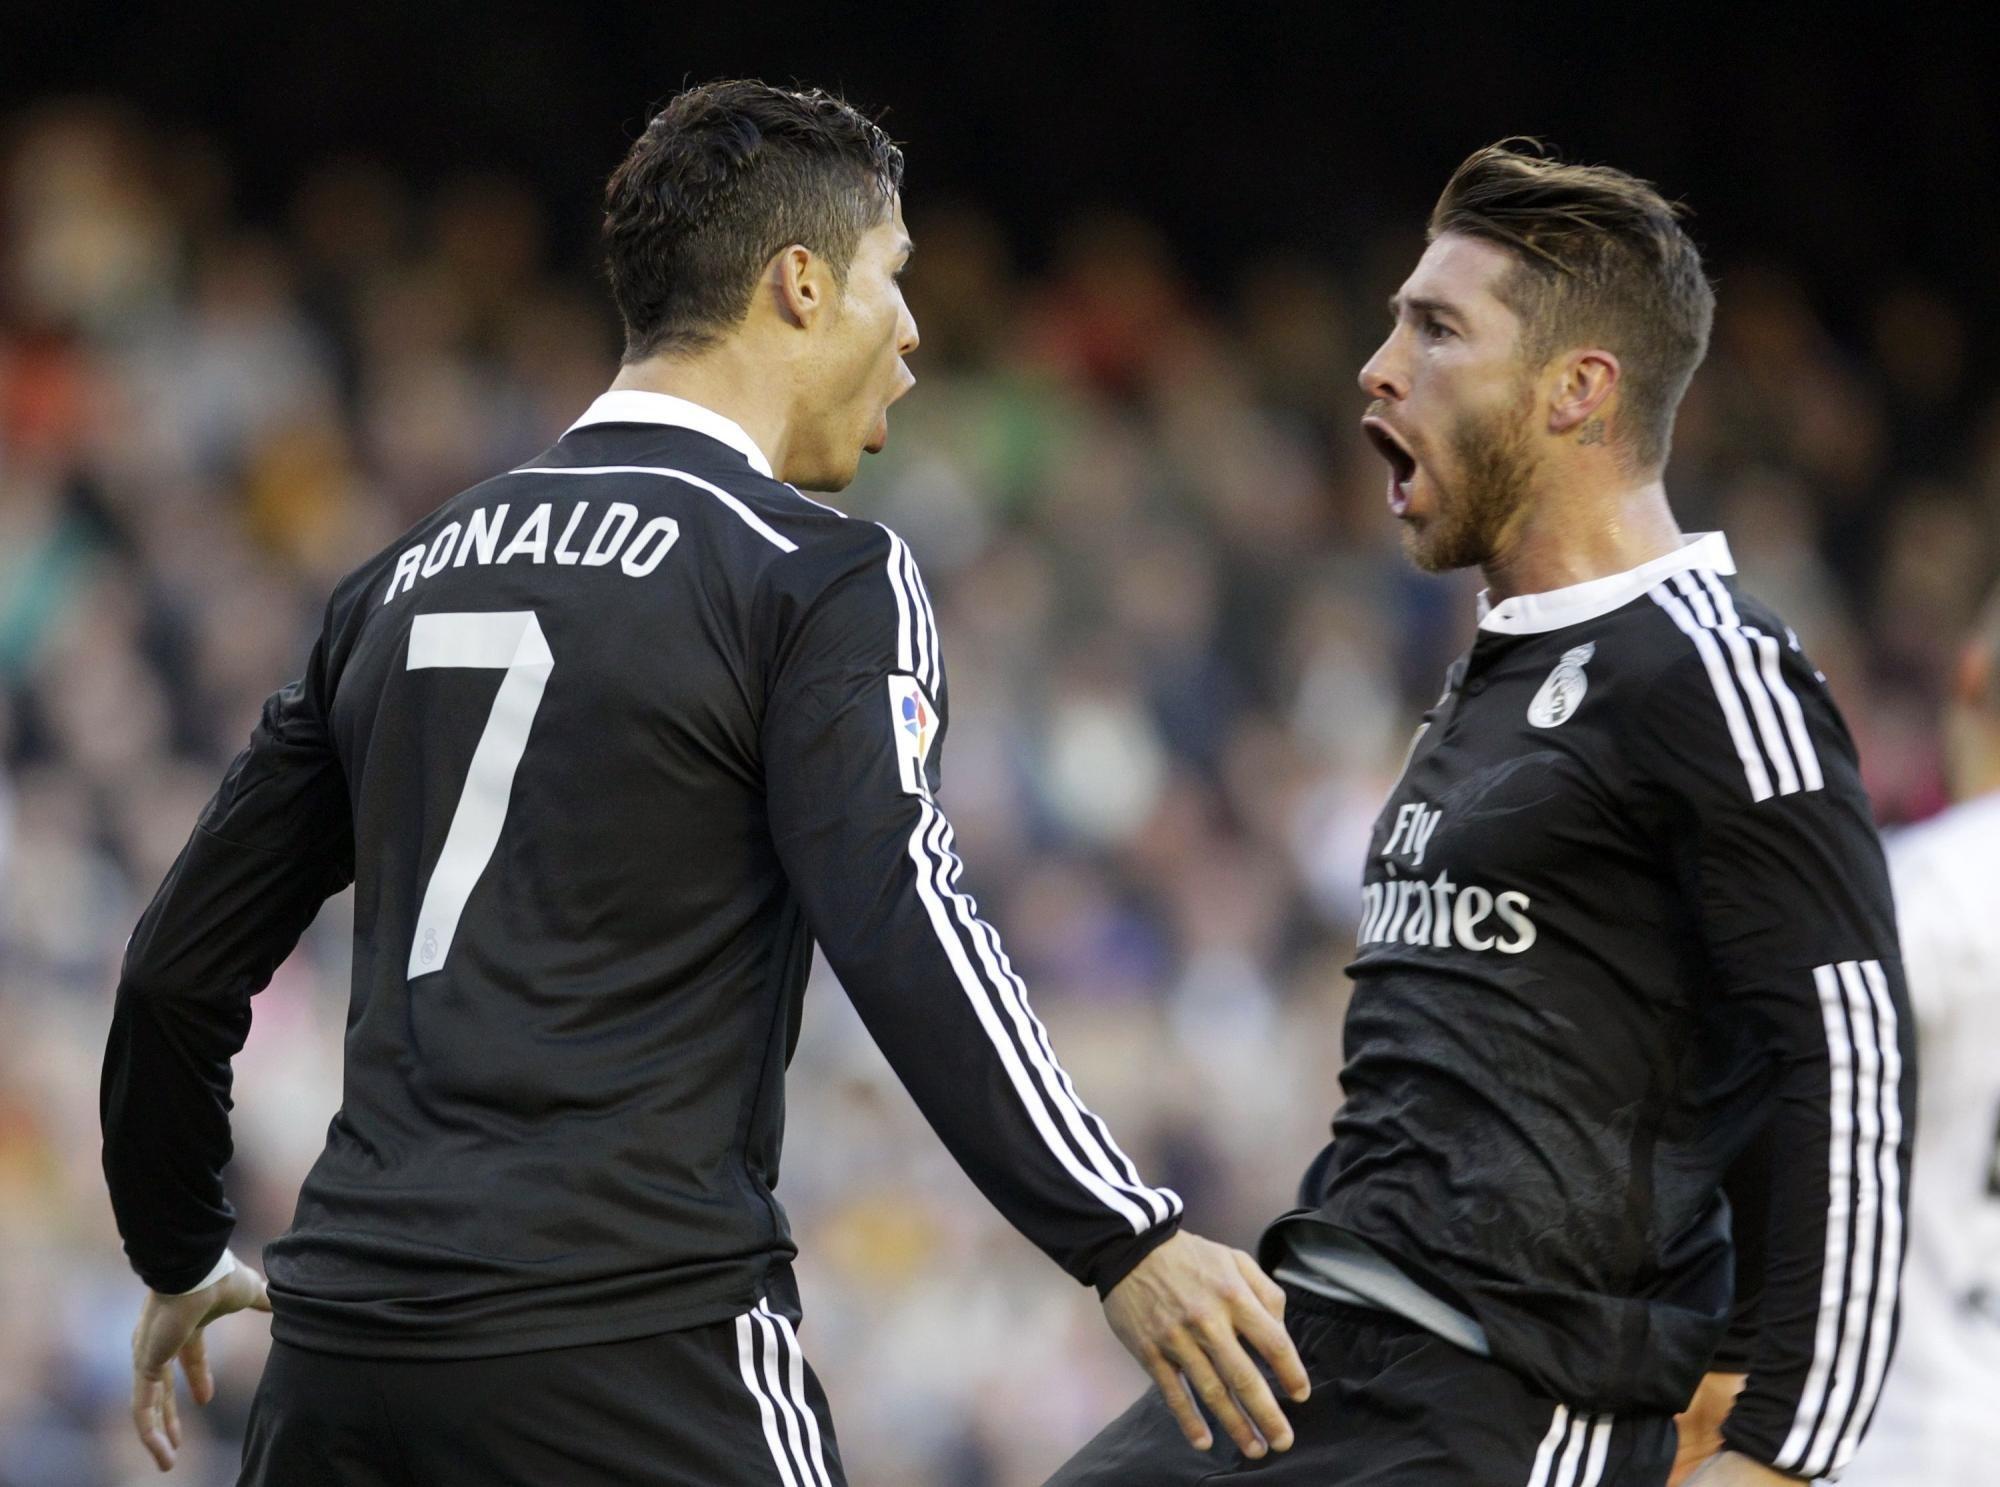 Прогноз на матч Сельта - Реал Мадрид 07 января 2018